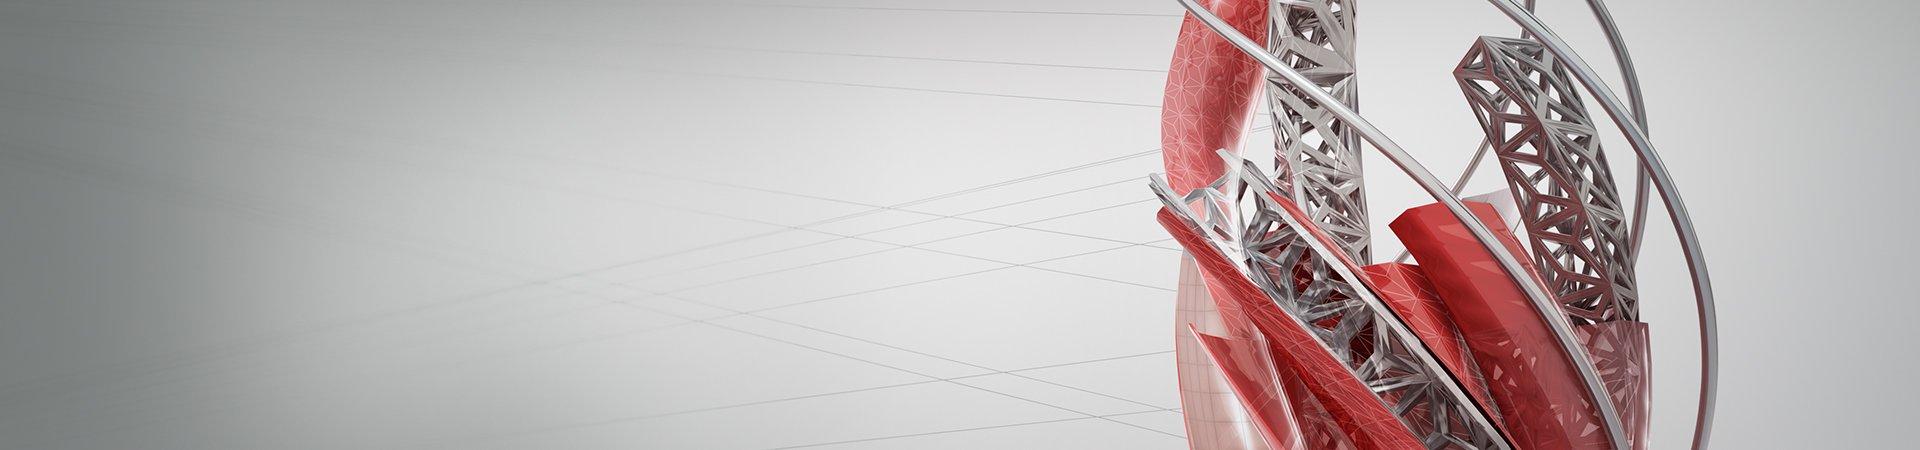 Promo: 30% Reducere pentru Autodesk AutoCAD LT